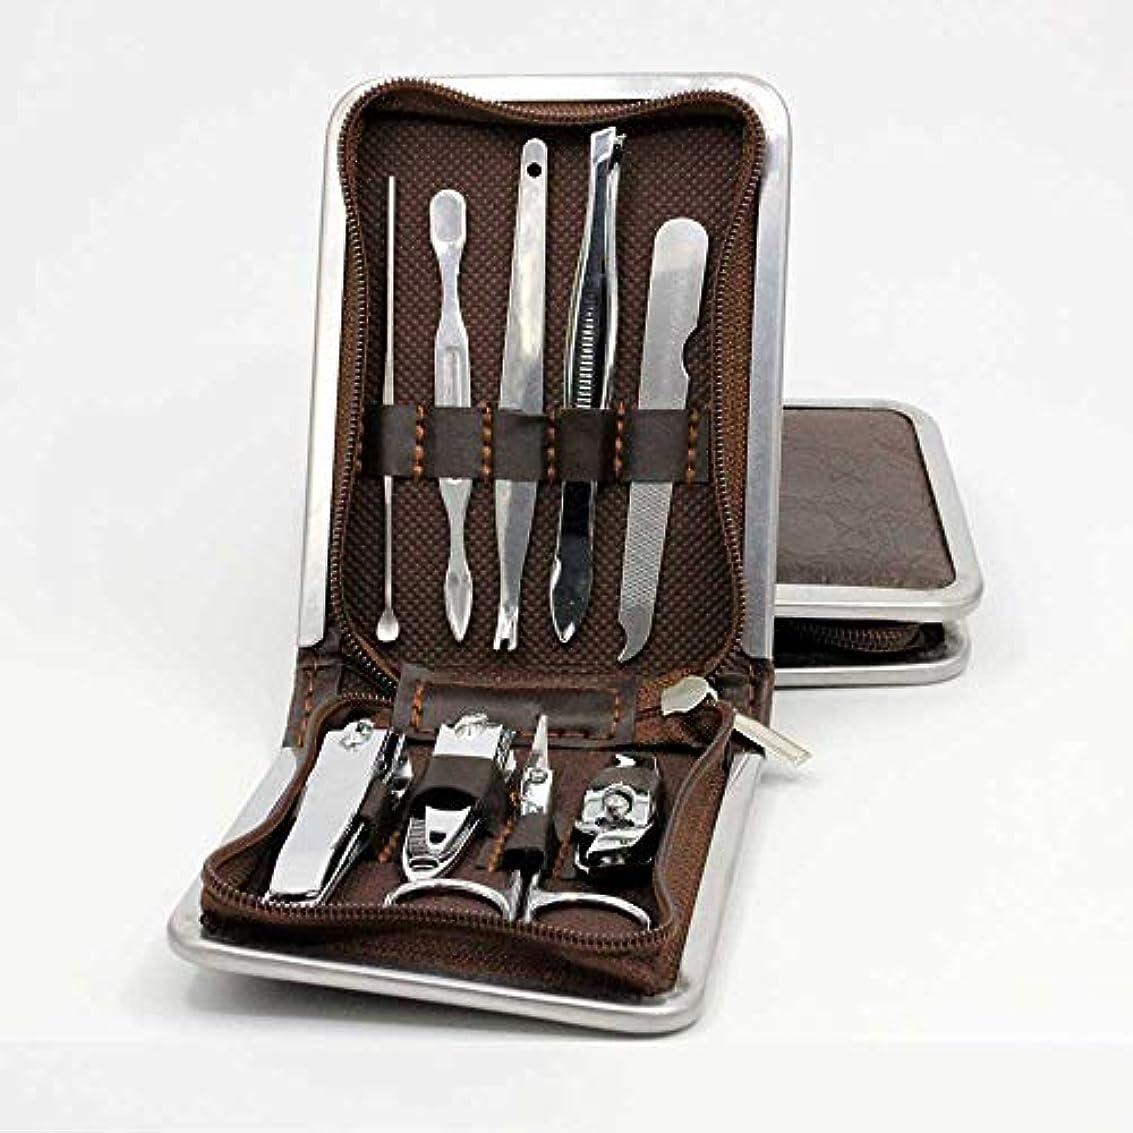 打撃記念品主張するネイルケア 9点セット 爪切り 爪磨き 毛抜き ハサミ 耳かき ステンレス製 携帯便利 収納ケース付き